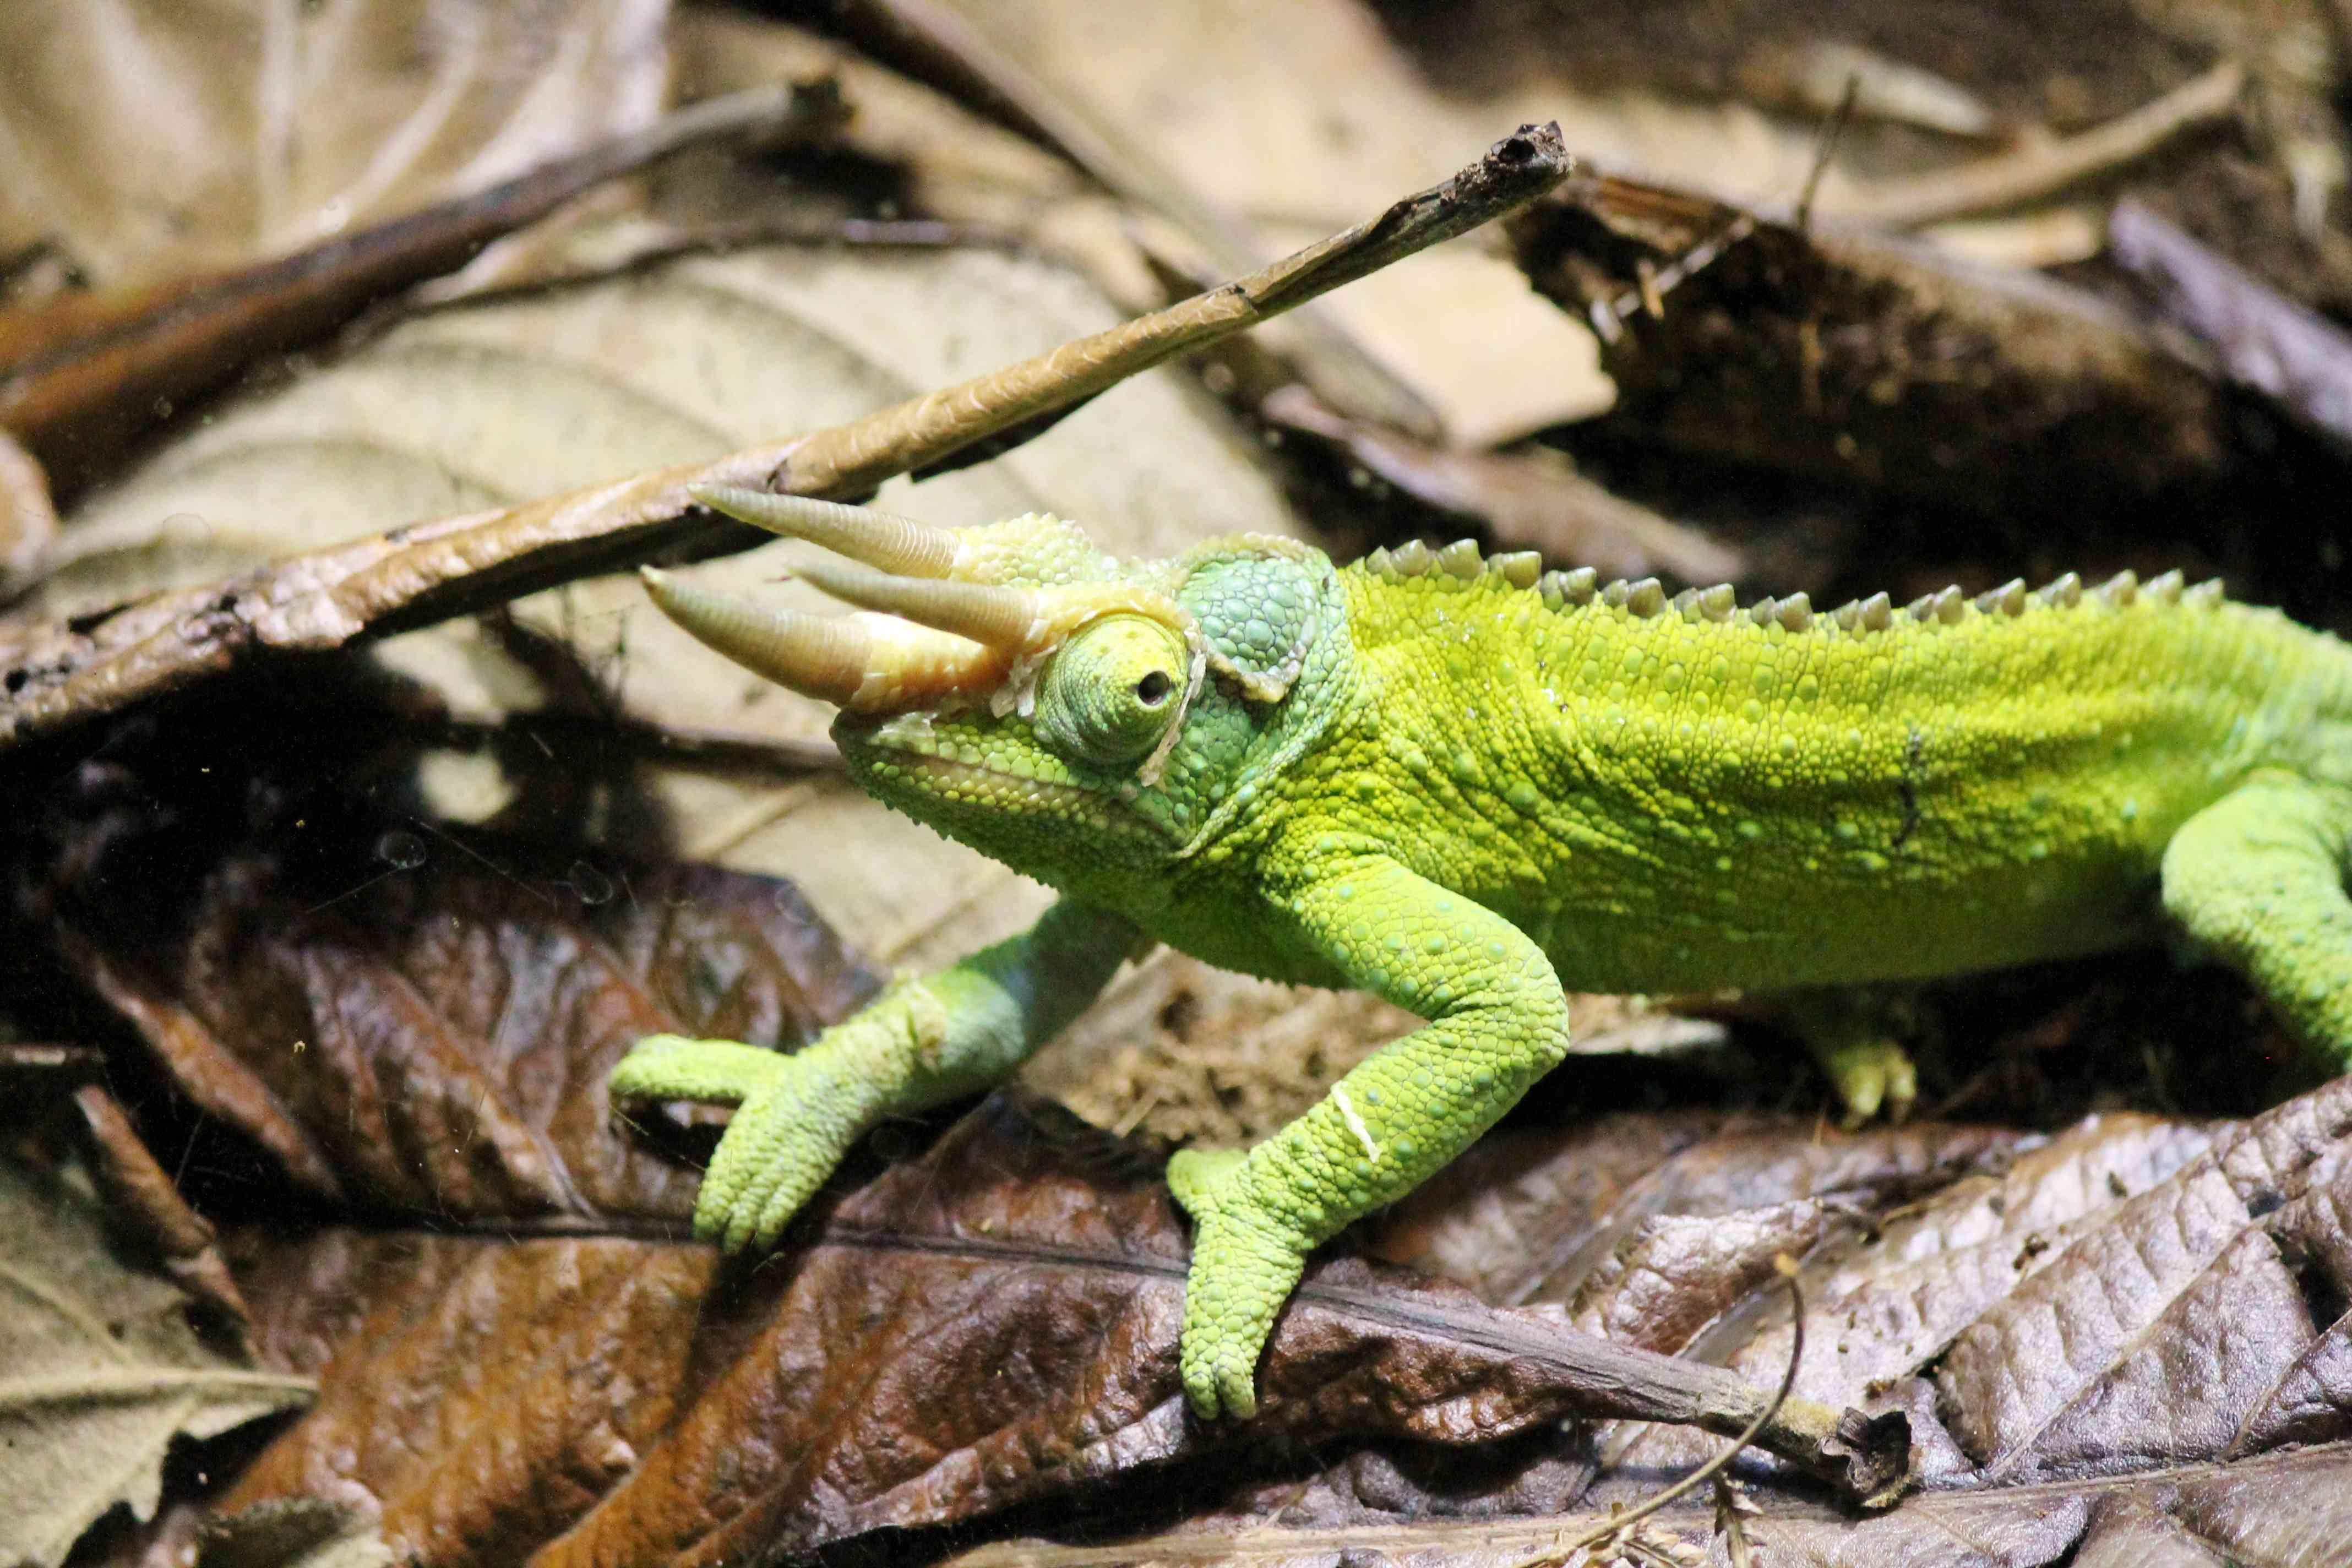 Green rhinoceros chameleon on leaves